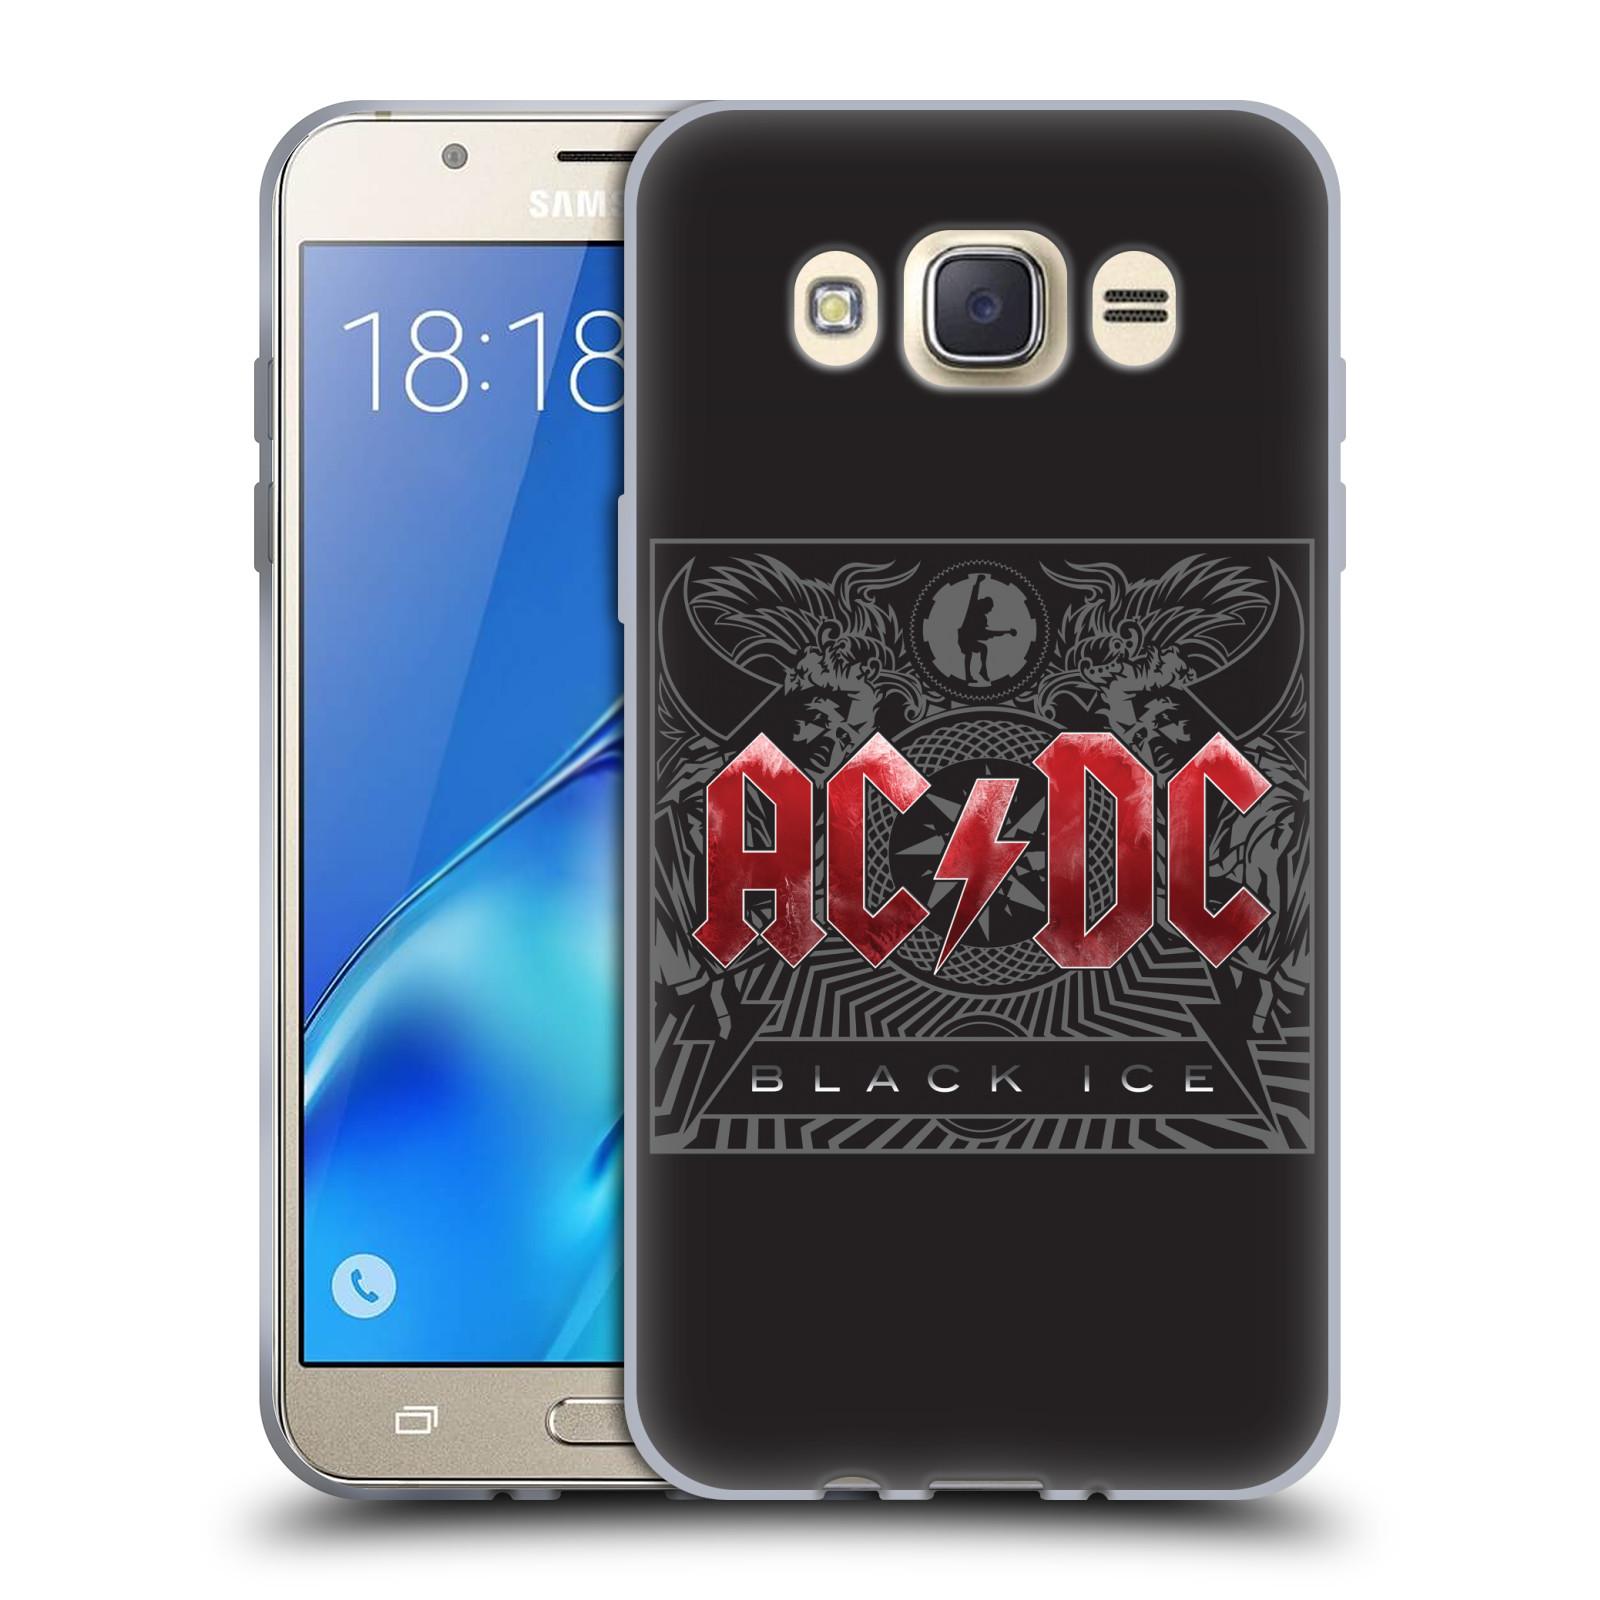 Silikonové pouzdro na mobil Samsung Galaxy J7 (2016) HEAD CASE AC/DC Black Ice (Silikonový kryt či obal na mobilní telefon s oficiálním motivem australské skupiny AC/DC pro Samsung Galaxy J7 (2016) SM-J710)